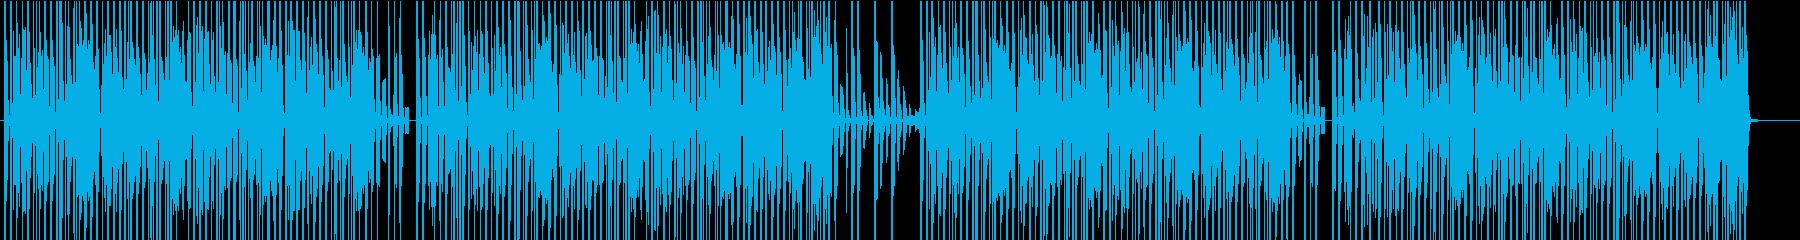 ファンク 劇的な レトロ 低音の再生済みの波形